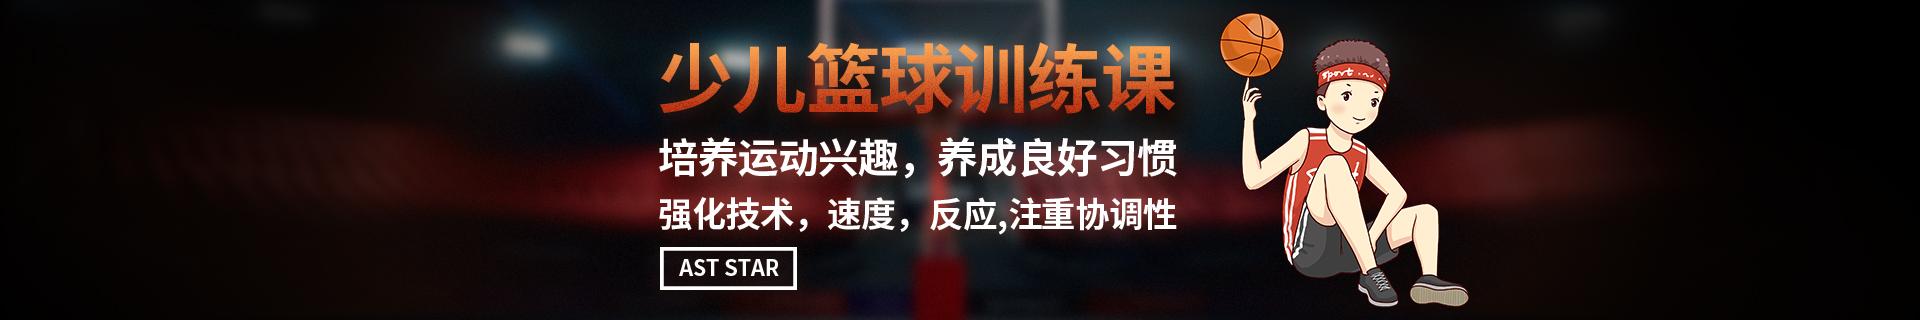 天津南开区东方启明星南开校区